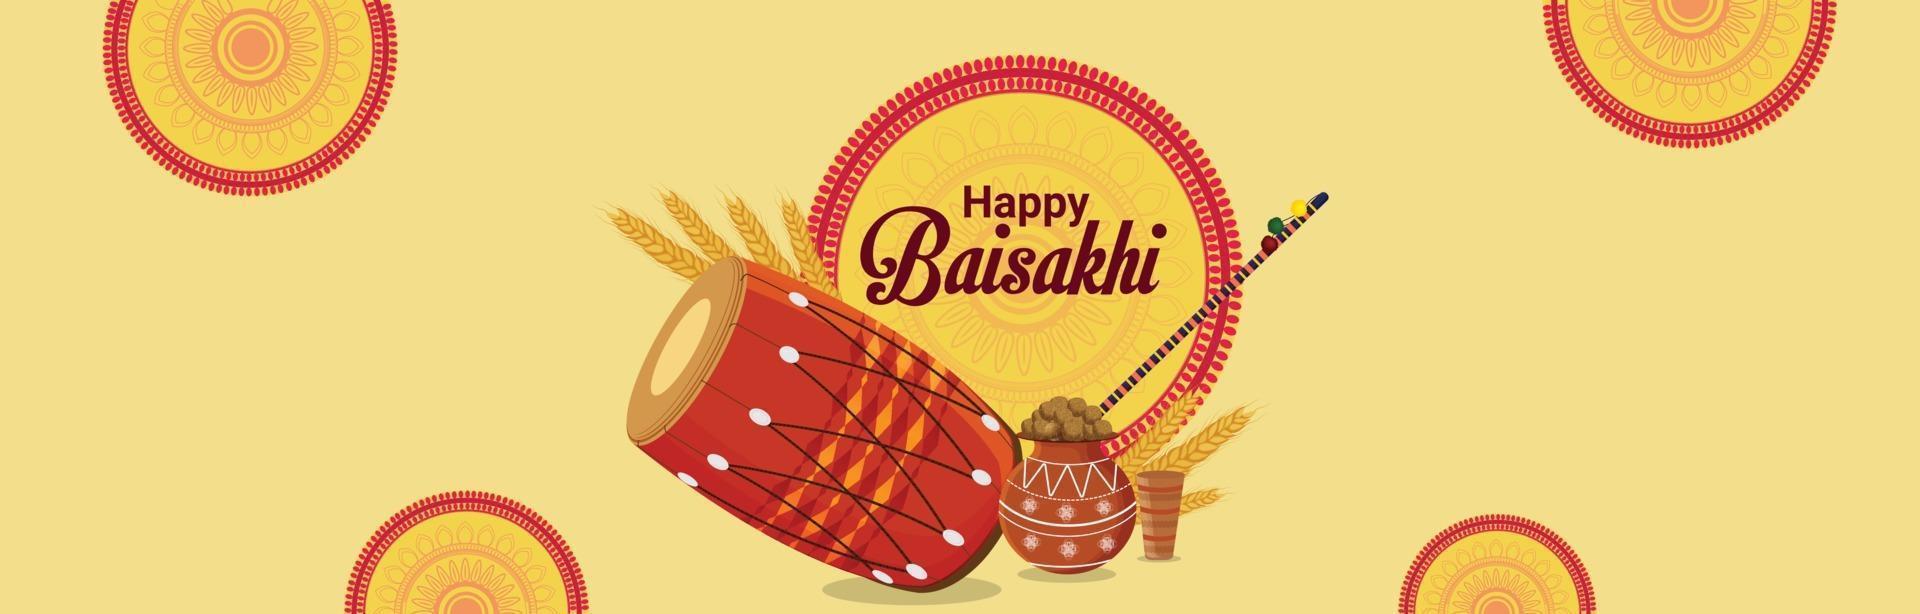 banner de celebração vaisakhi feliz vetor